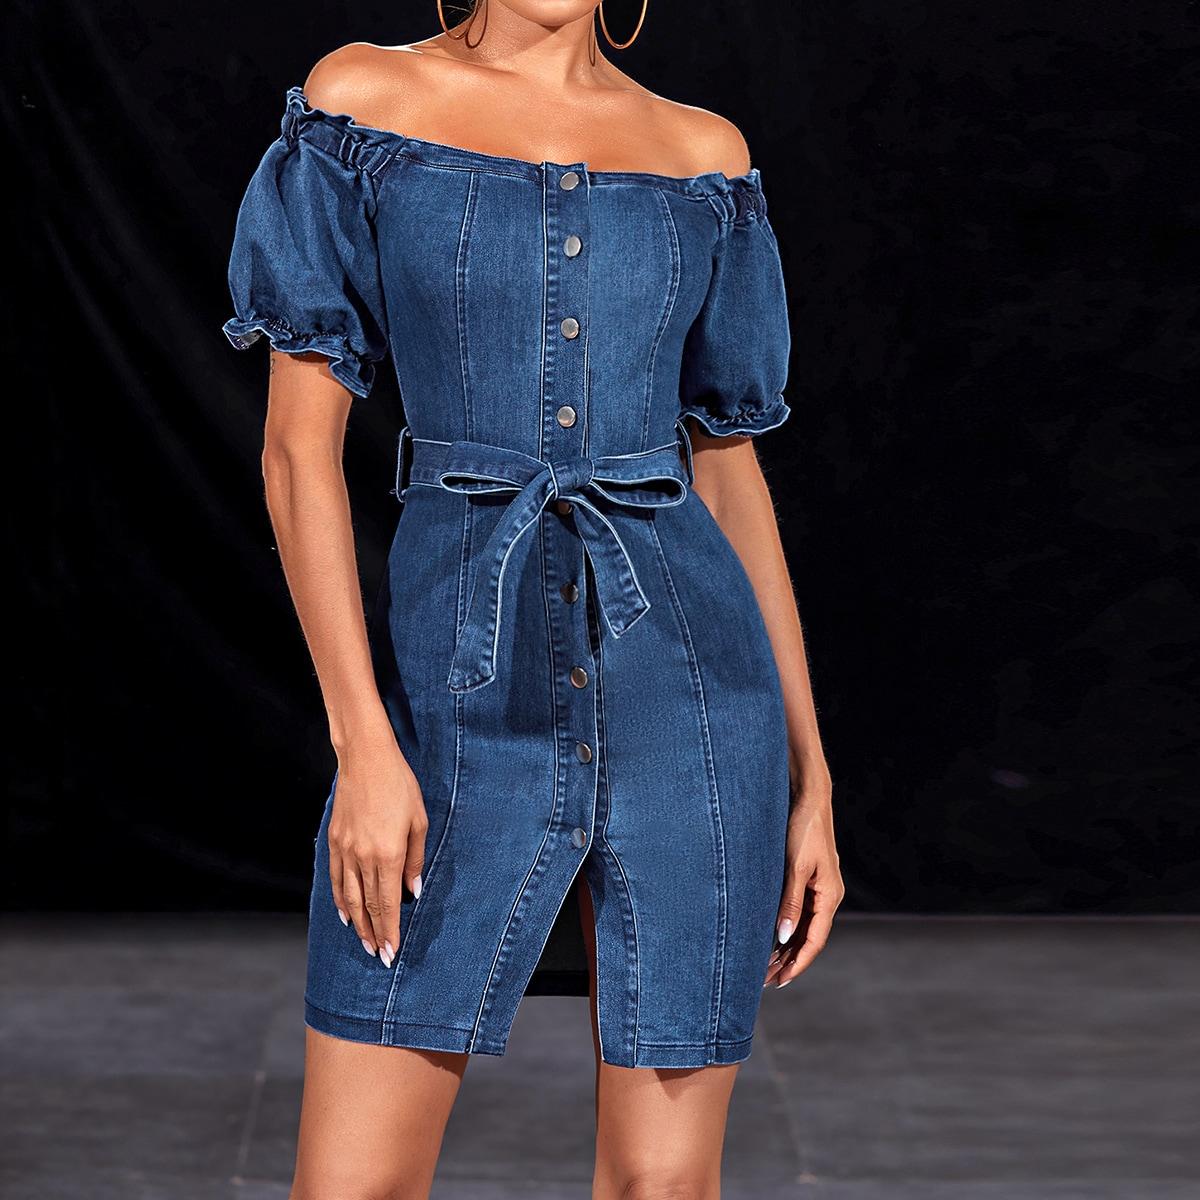 Джинсовое платье с пуговицами и открытыми плечами